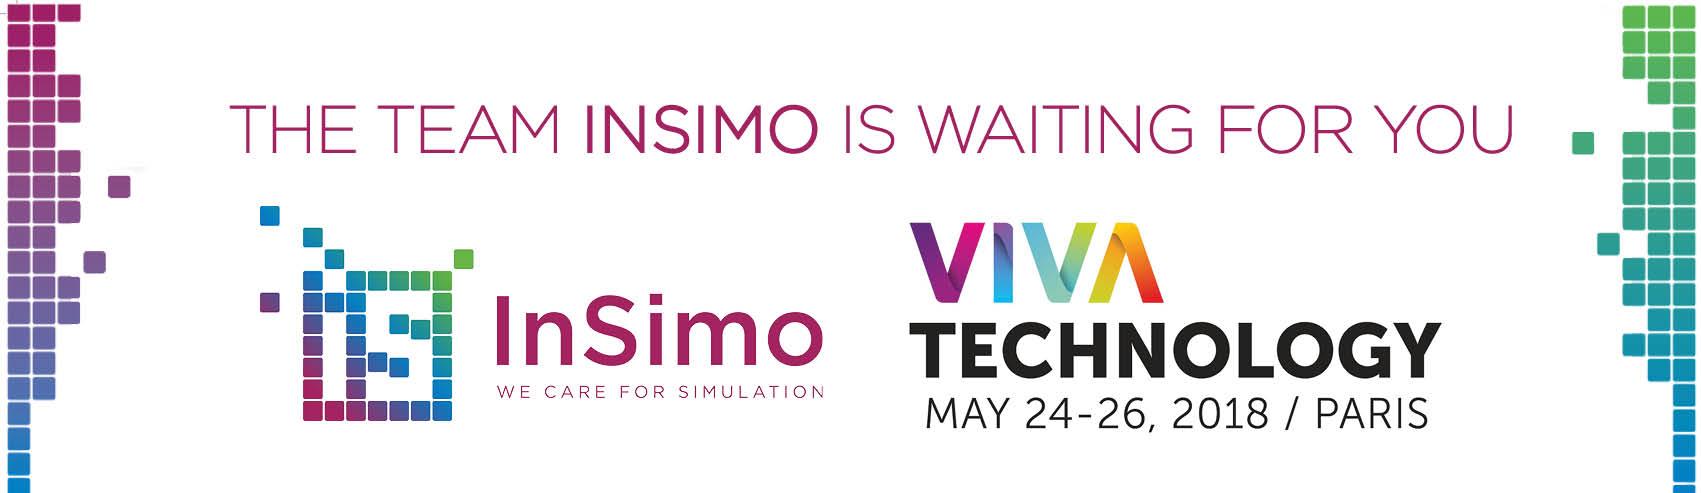 Viva Technology 2018 & InSimo - Banner